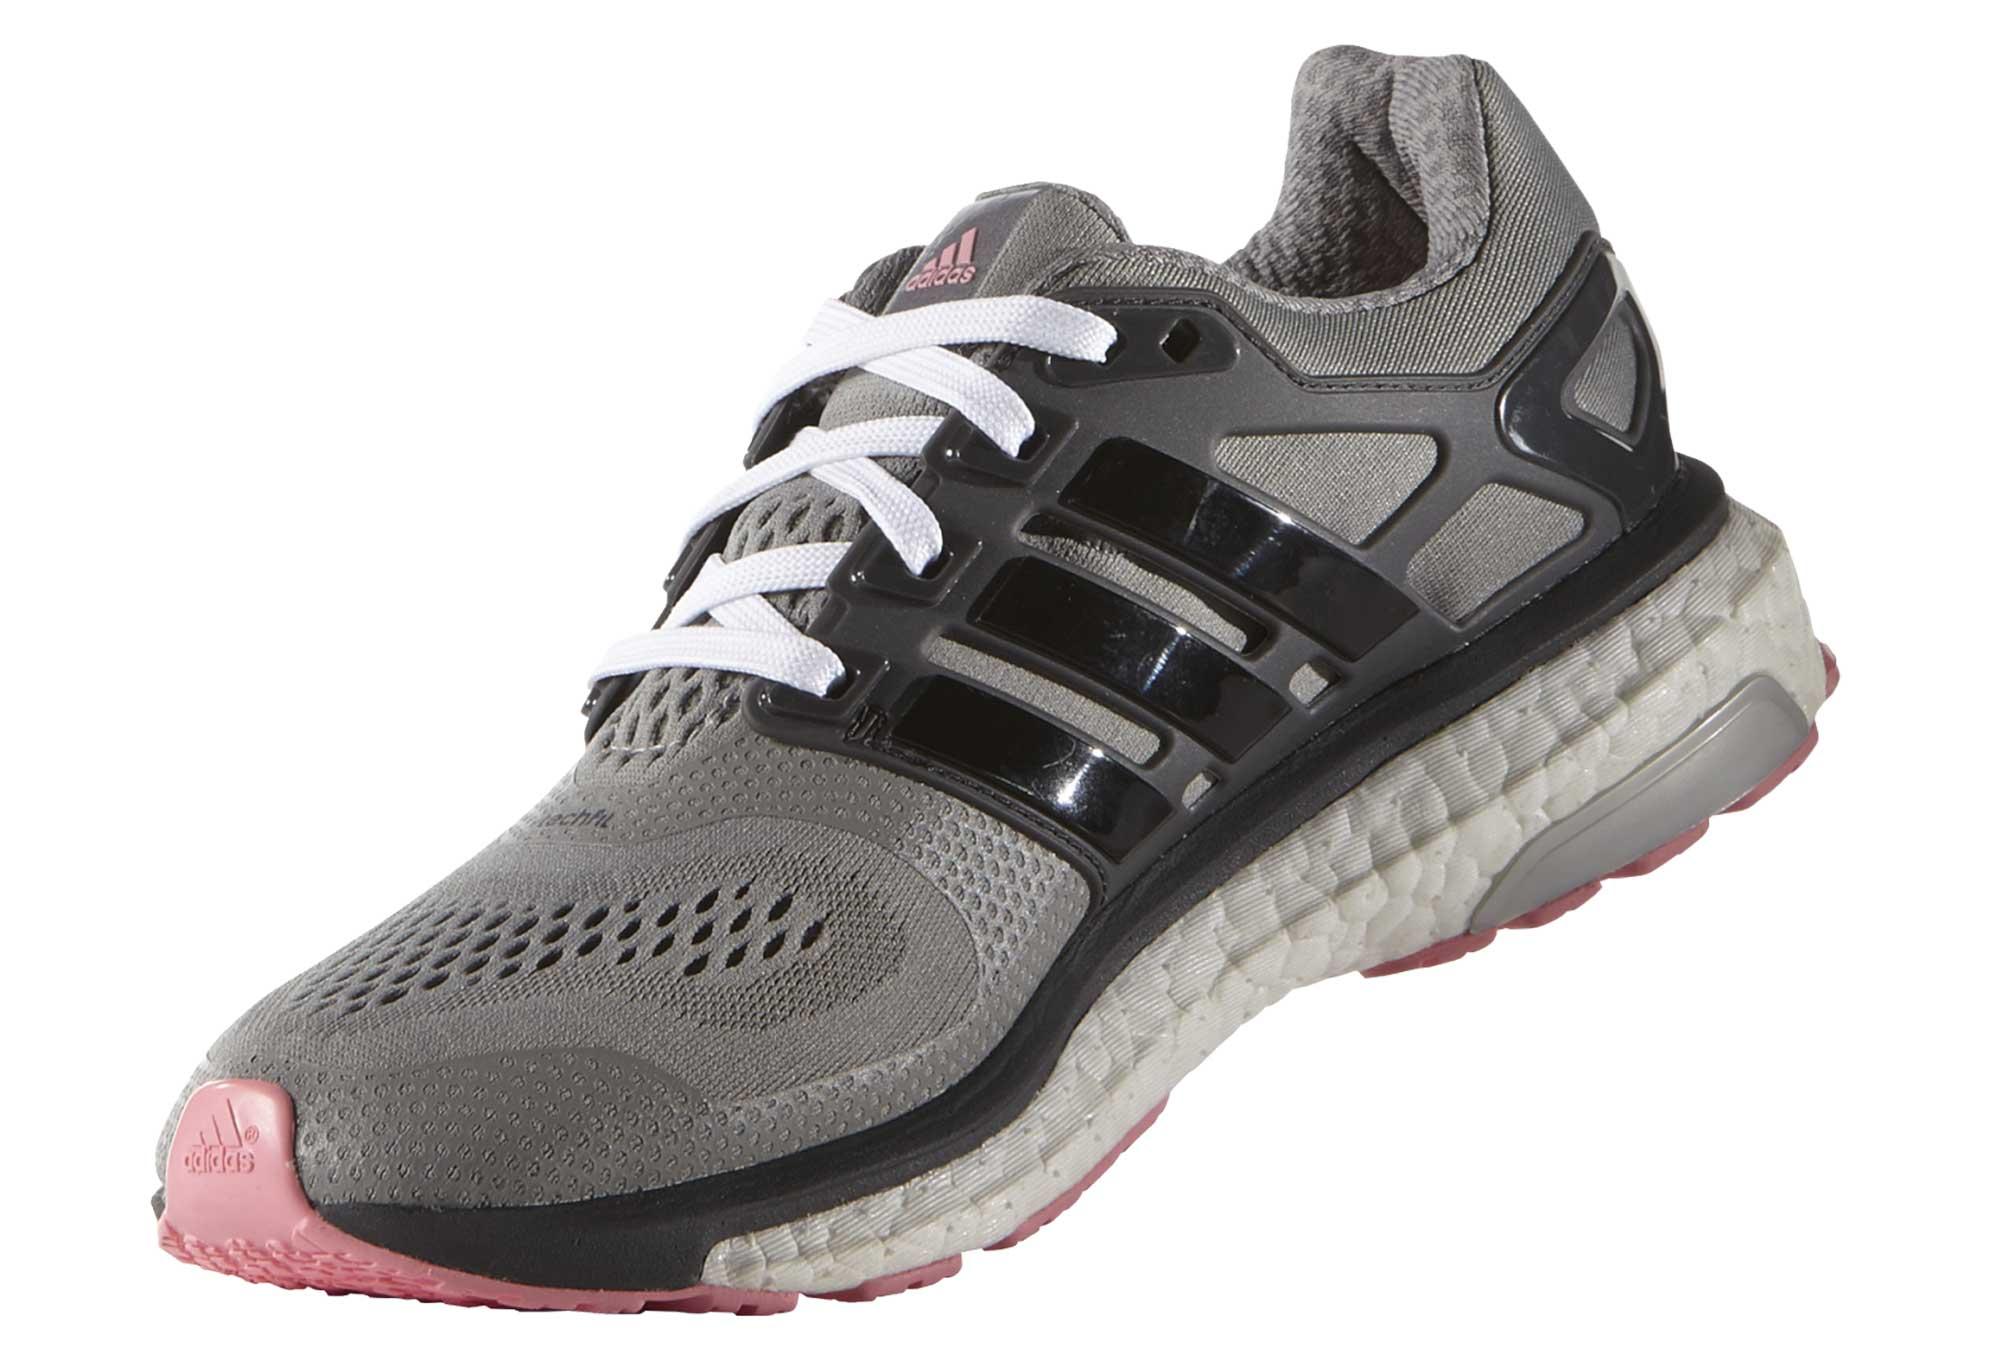 b2ce88553 adidas Energy Boost ESM Shoes Women Grey